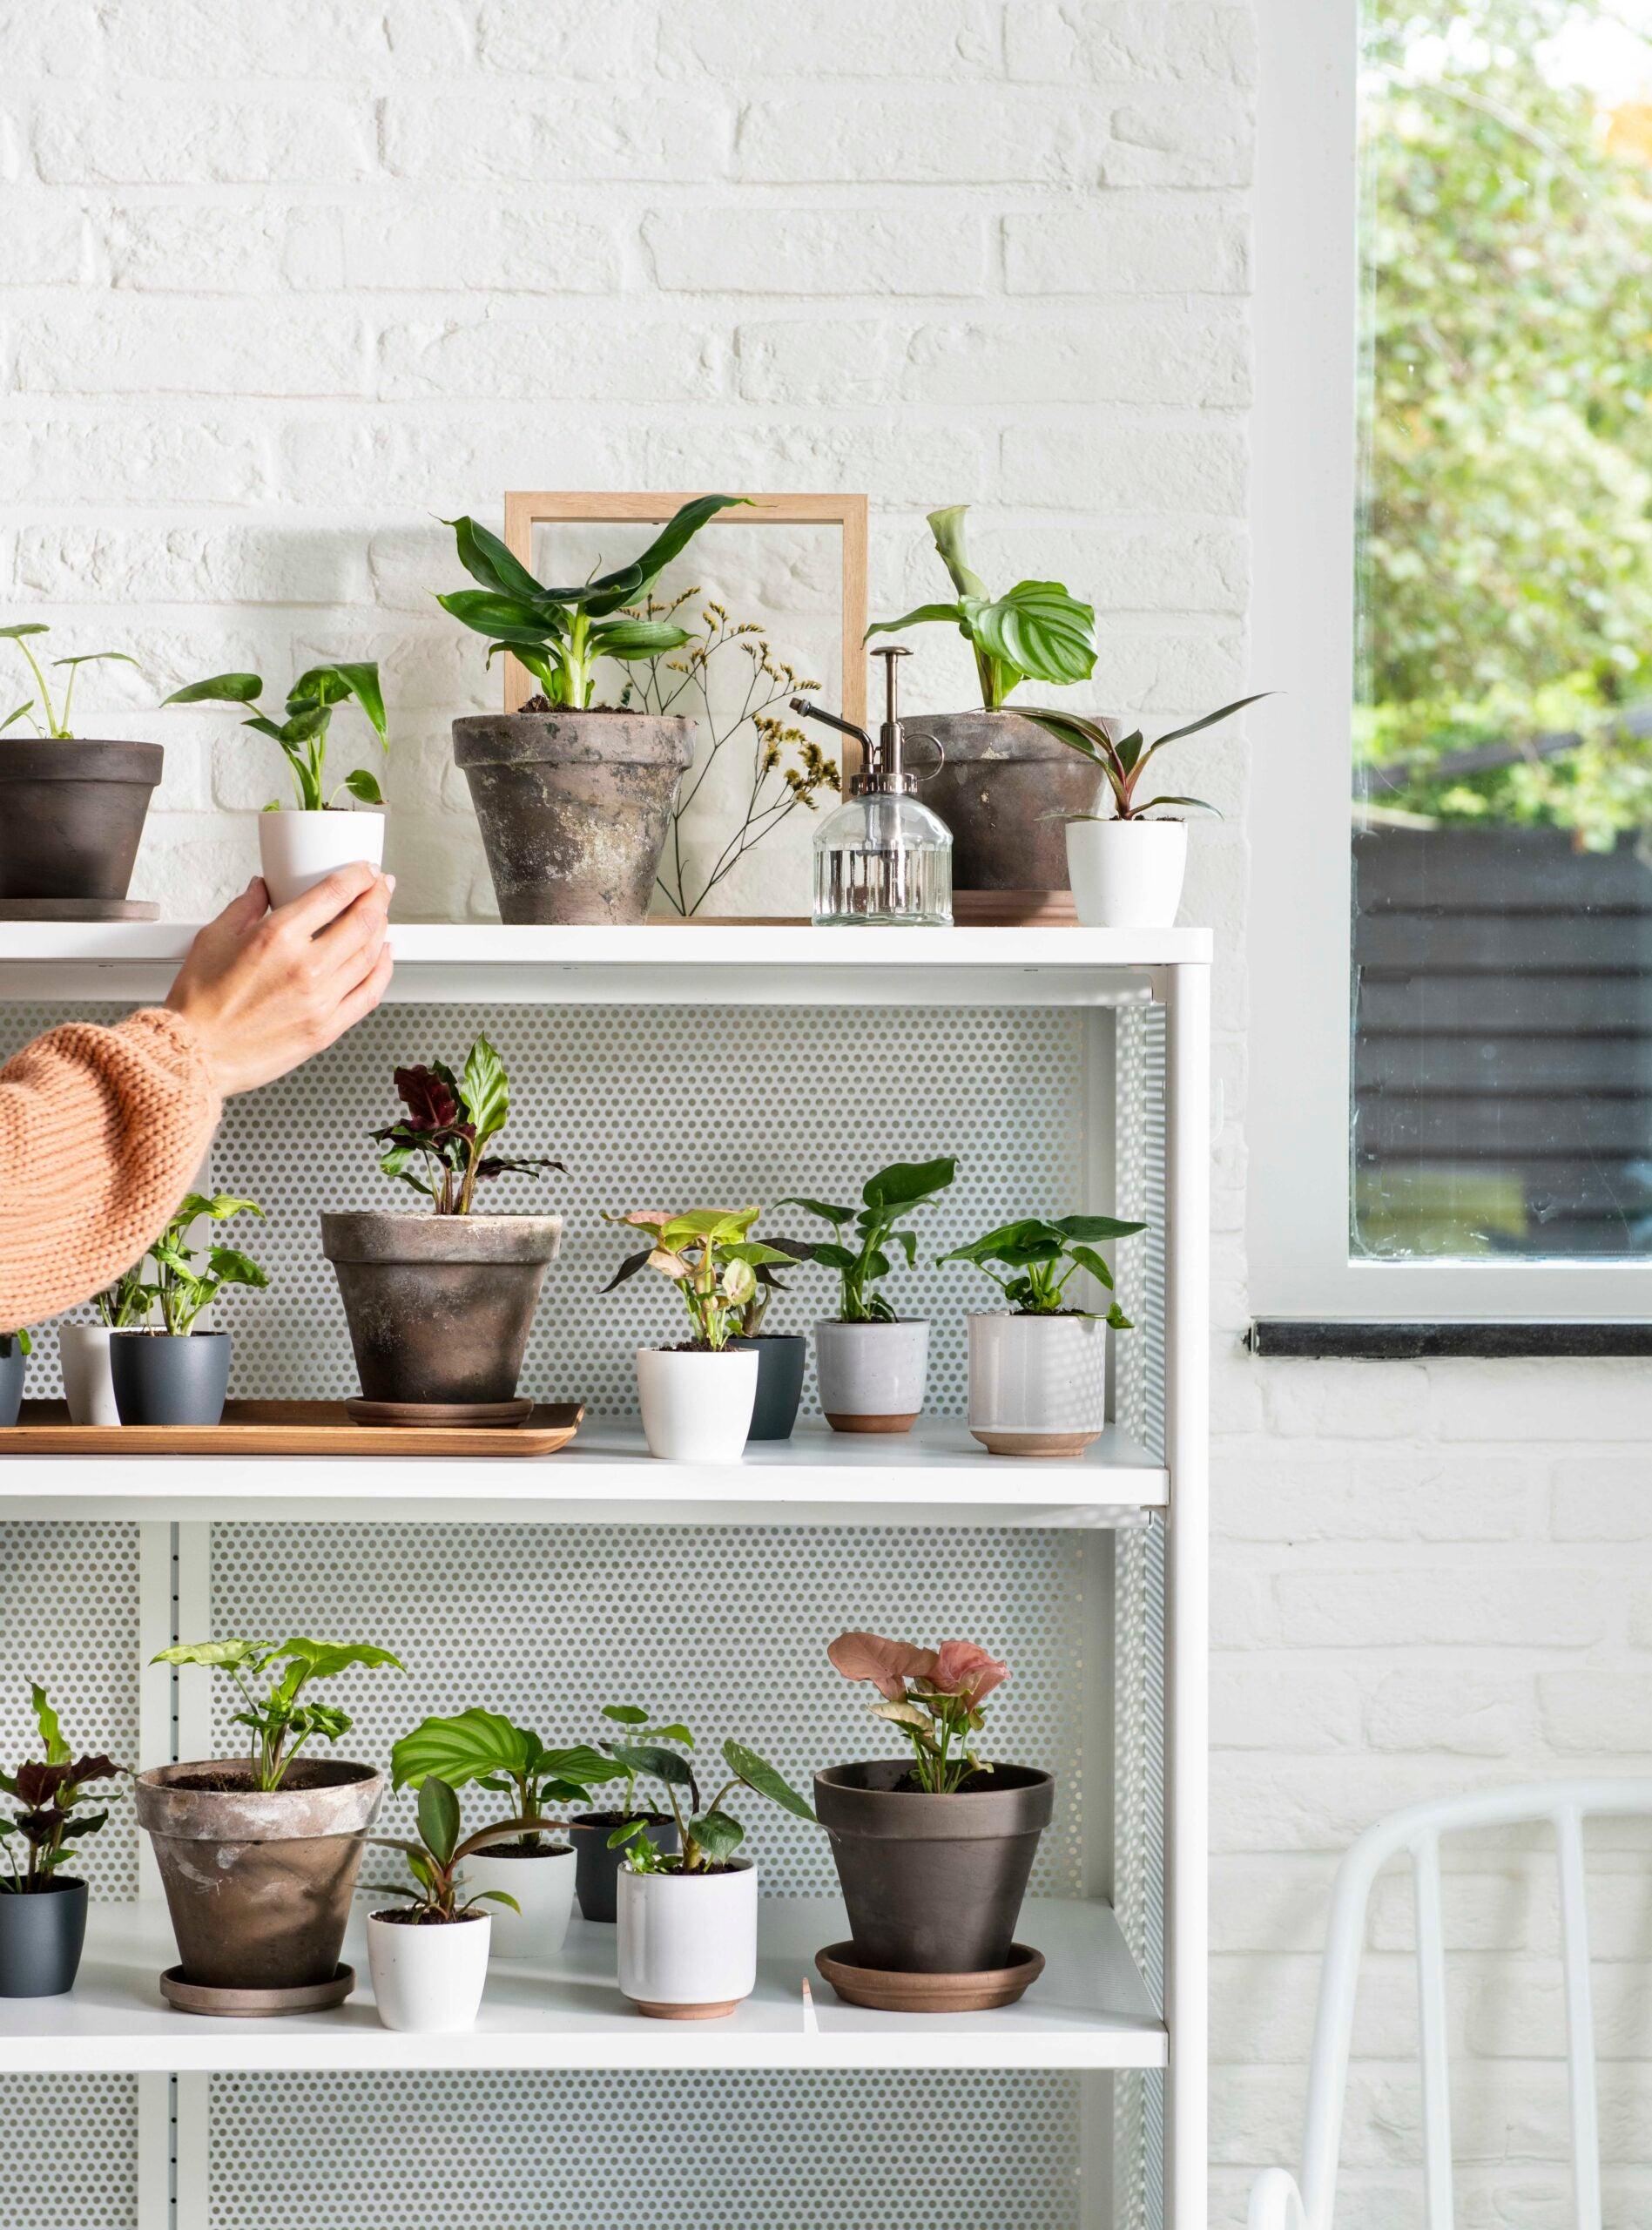 kamerplanten. potten, kast, plantenspuit